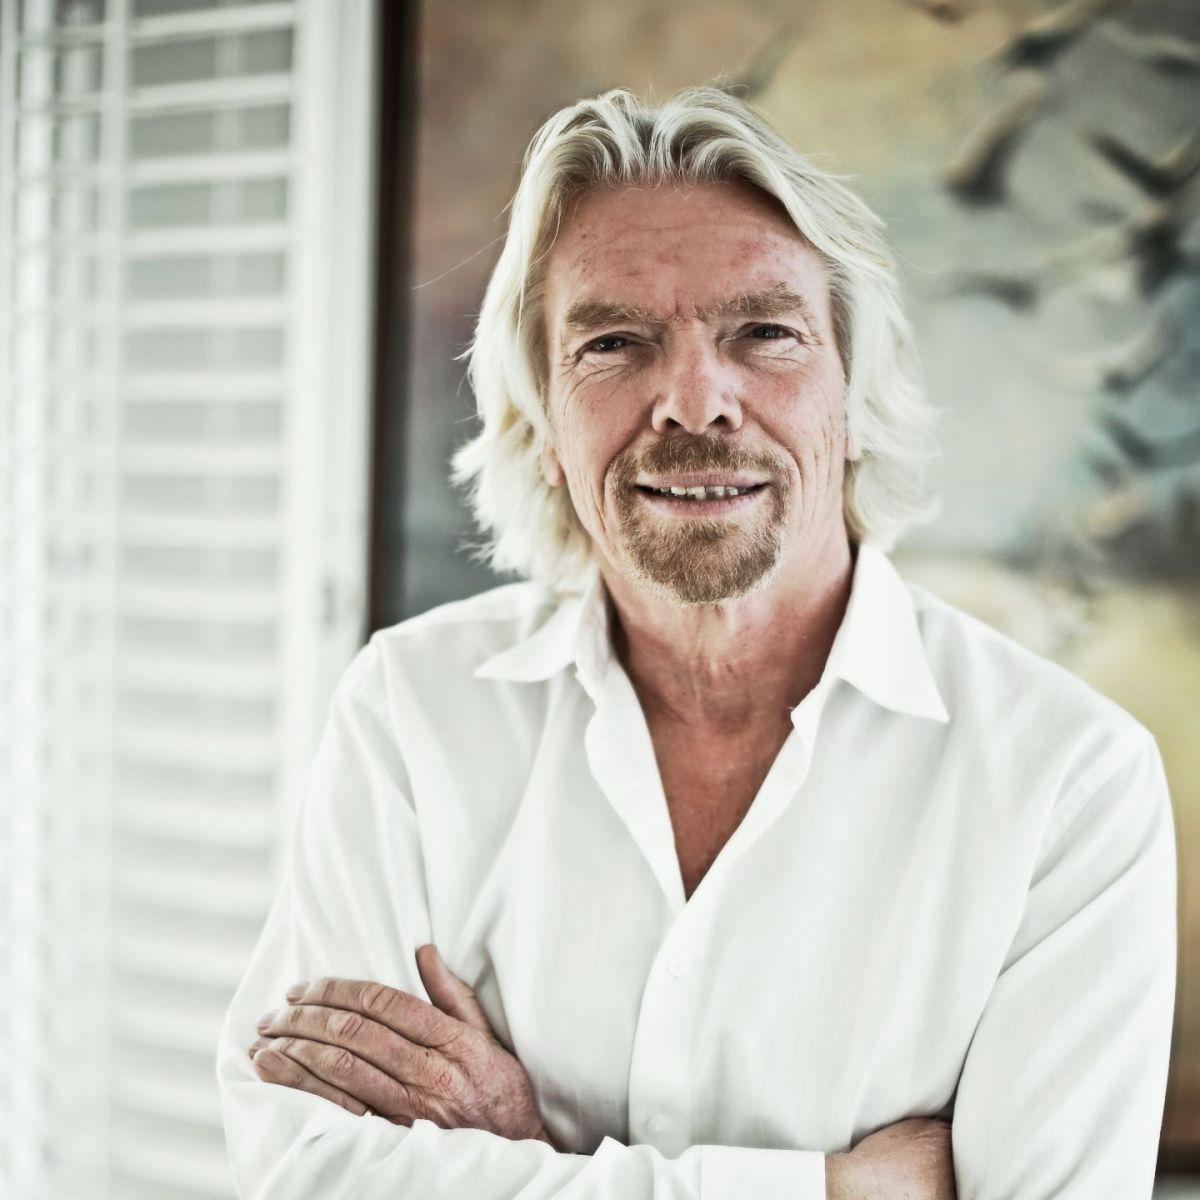 Как стать успешным в бизнесе: правила хиппи-миллиардера Ричарда Брэнсона - фото №1